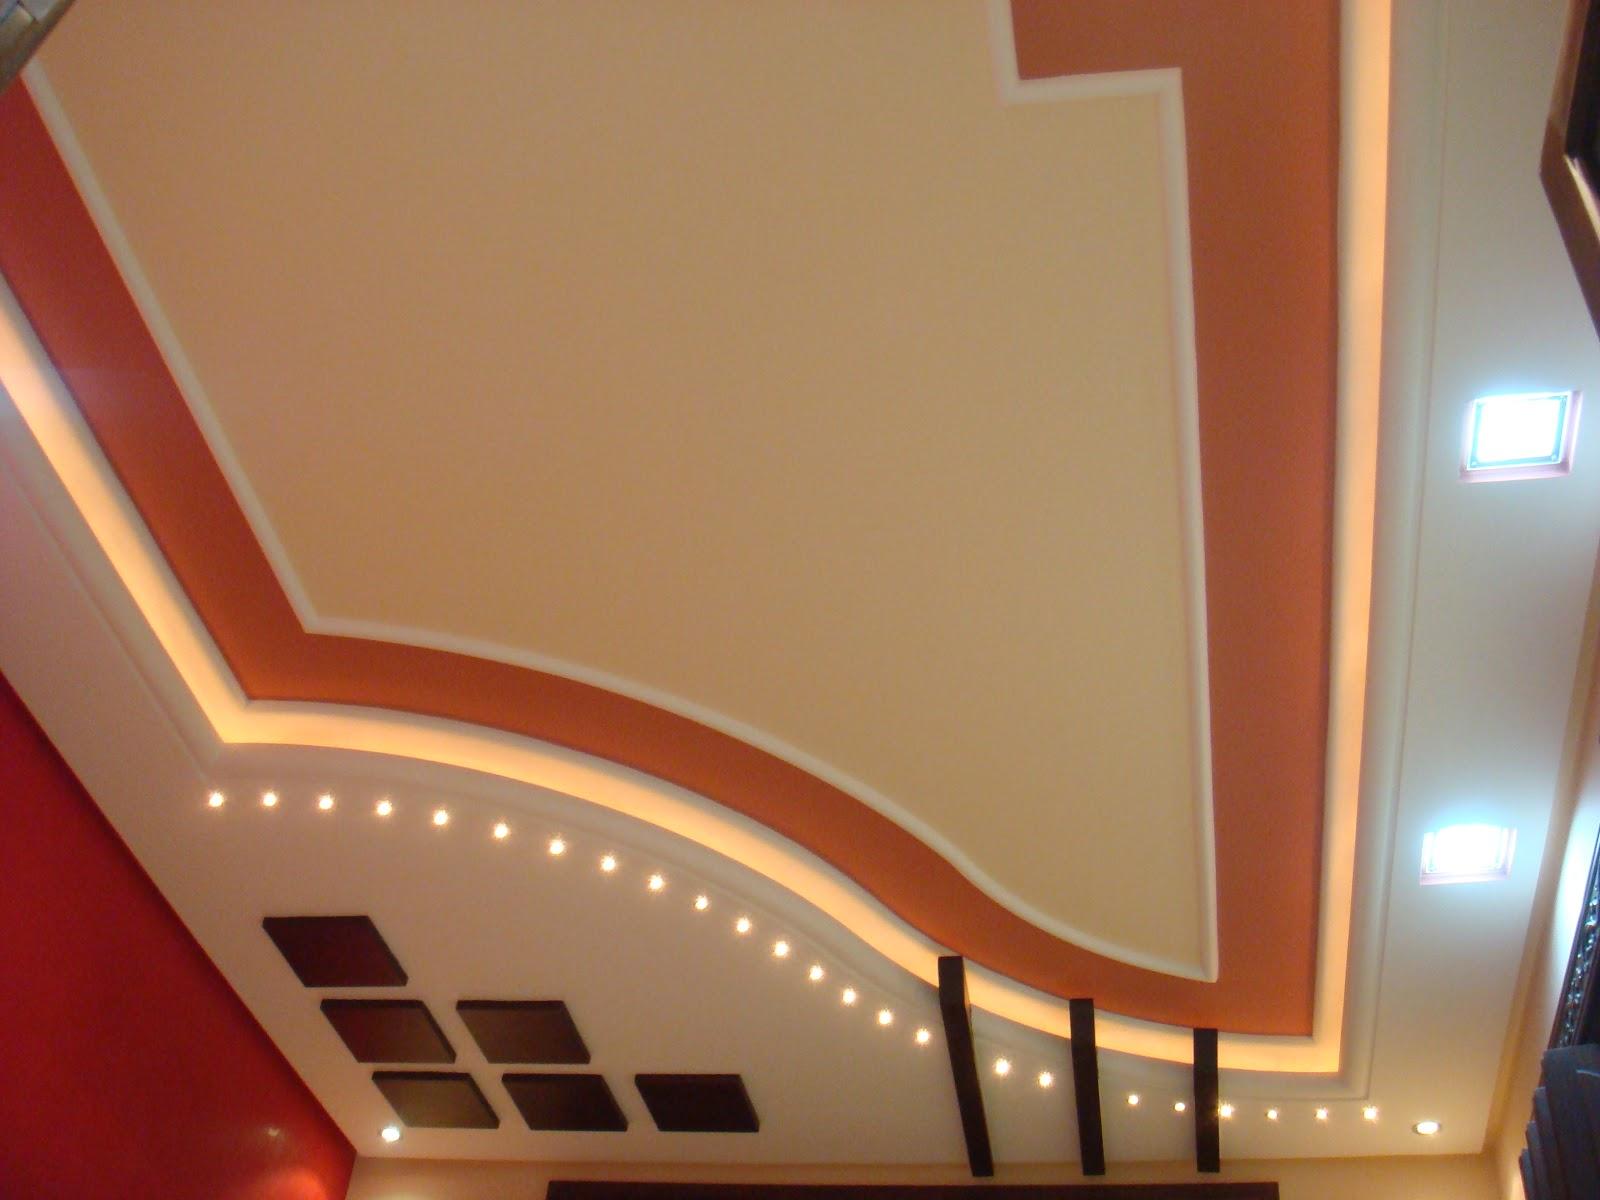 2017 - Decoration platre couloir ...